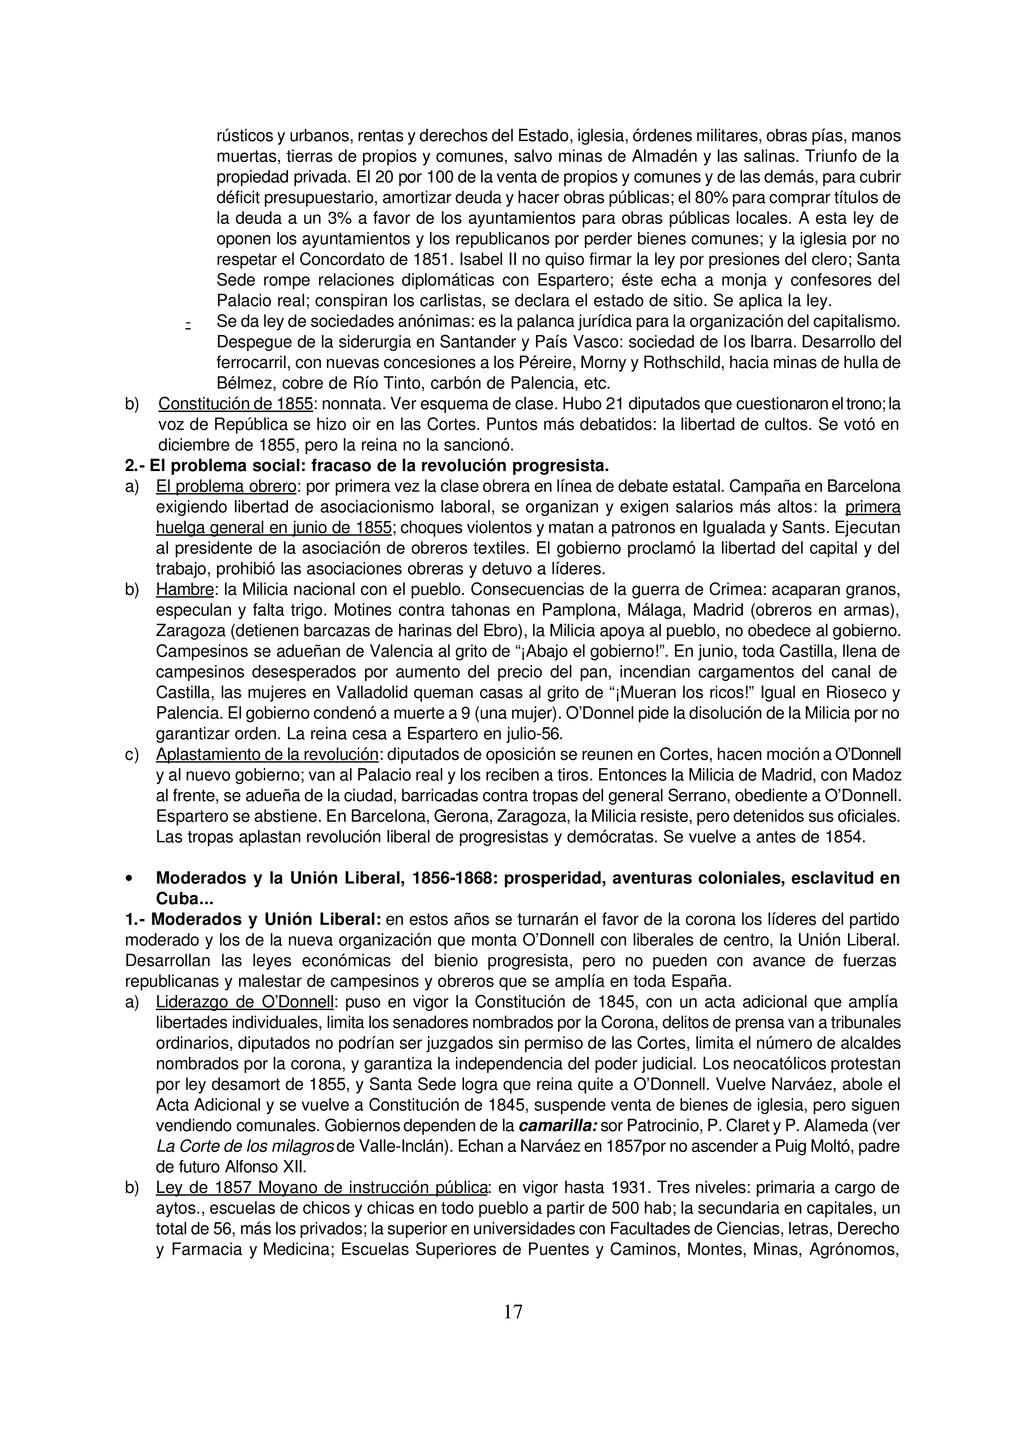 17 rústicos y urbanos, rentas y derechos del Es...